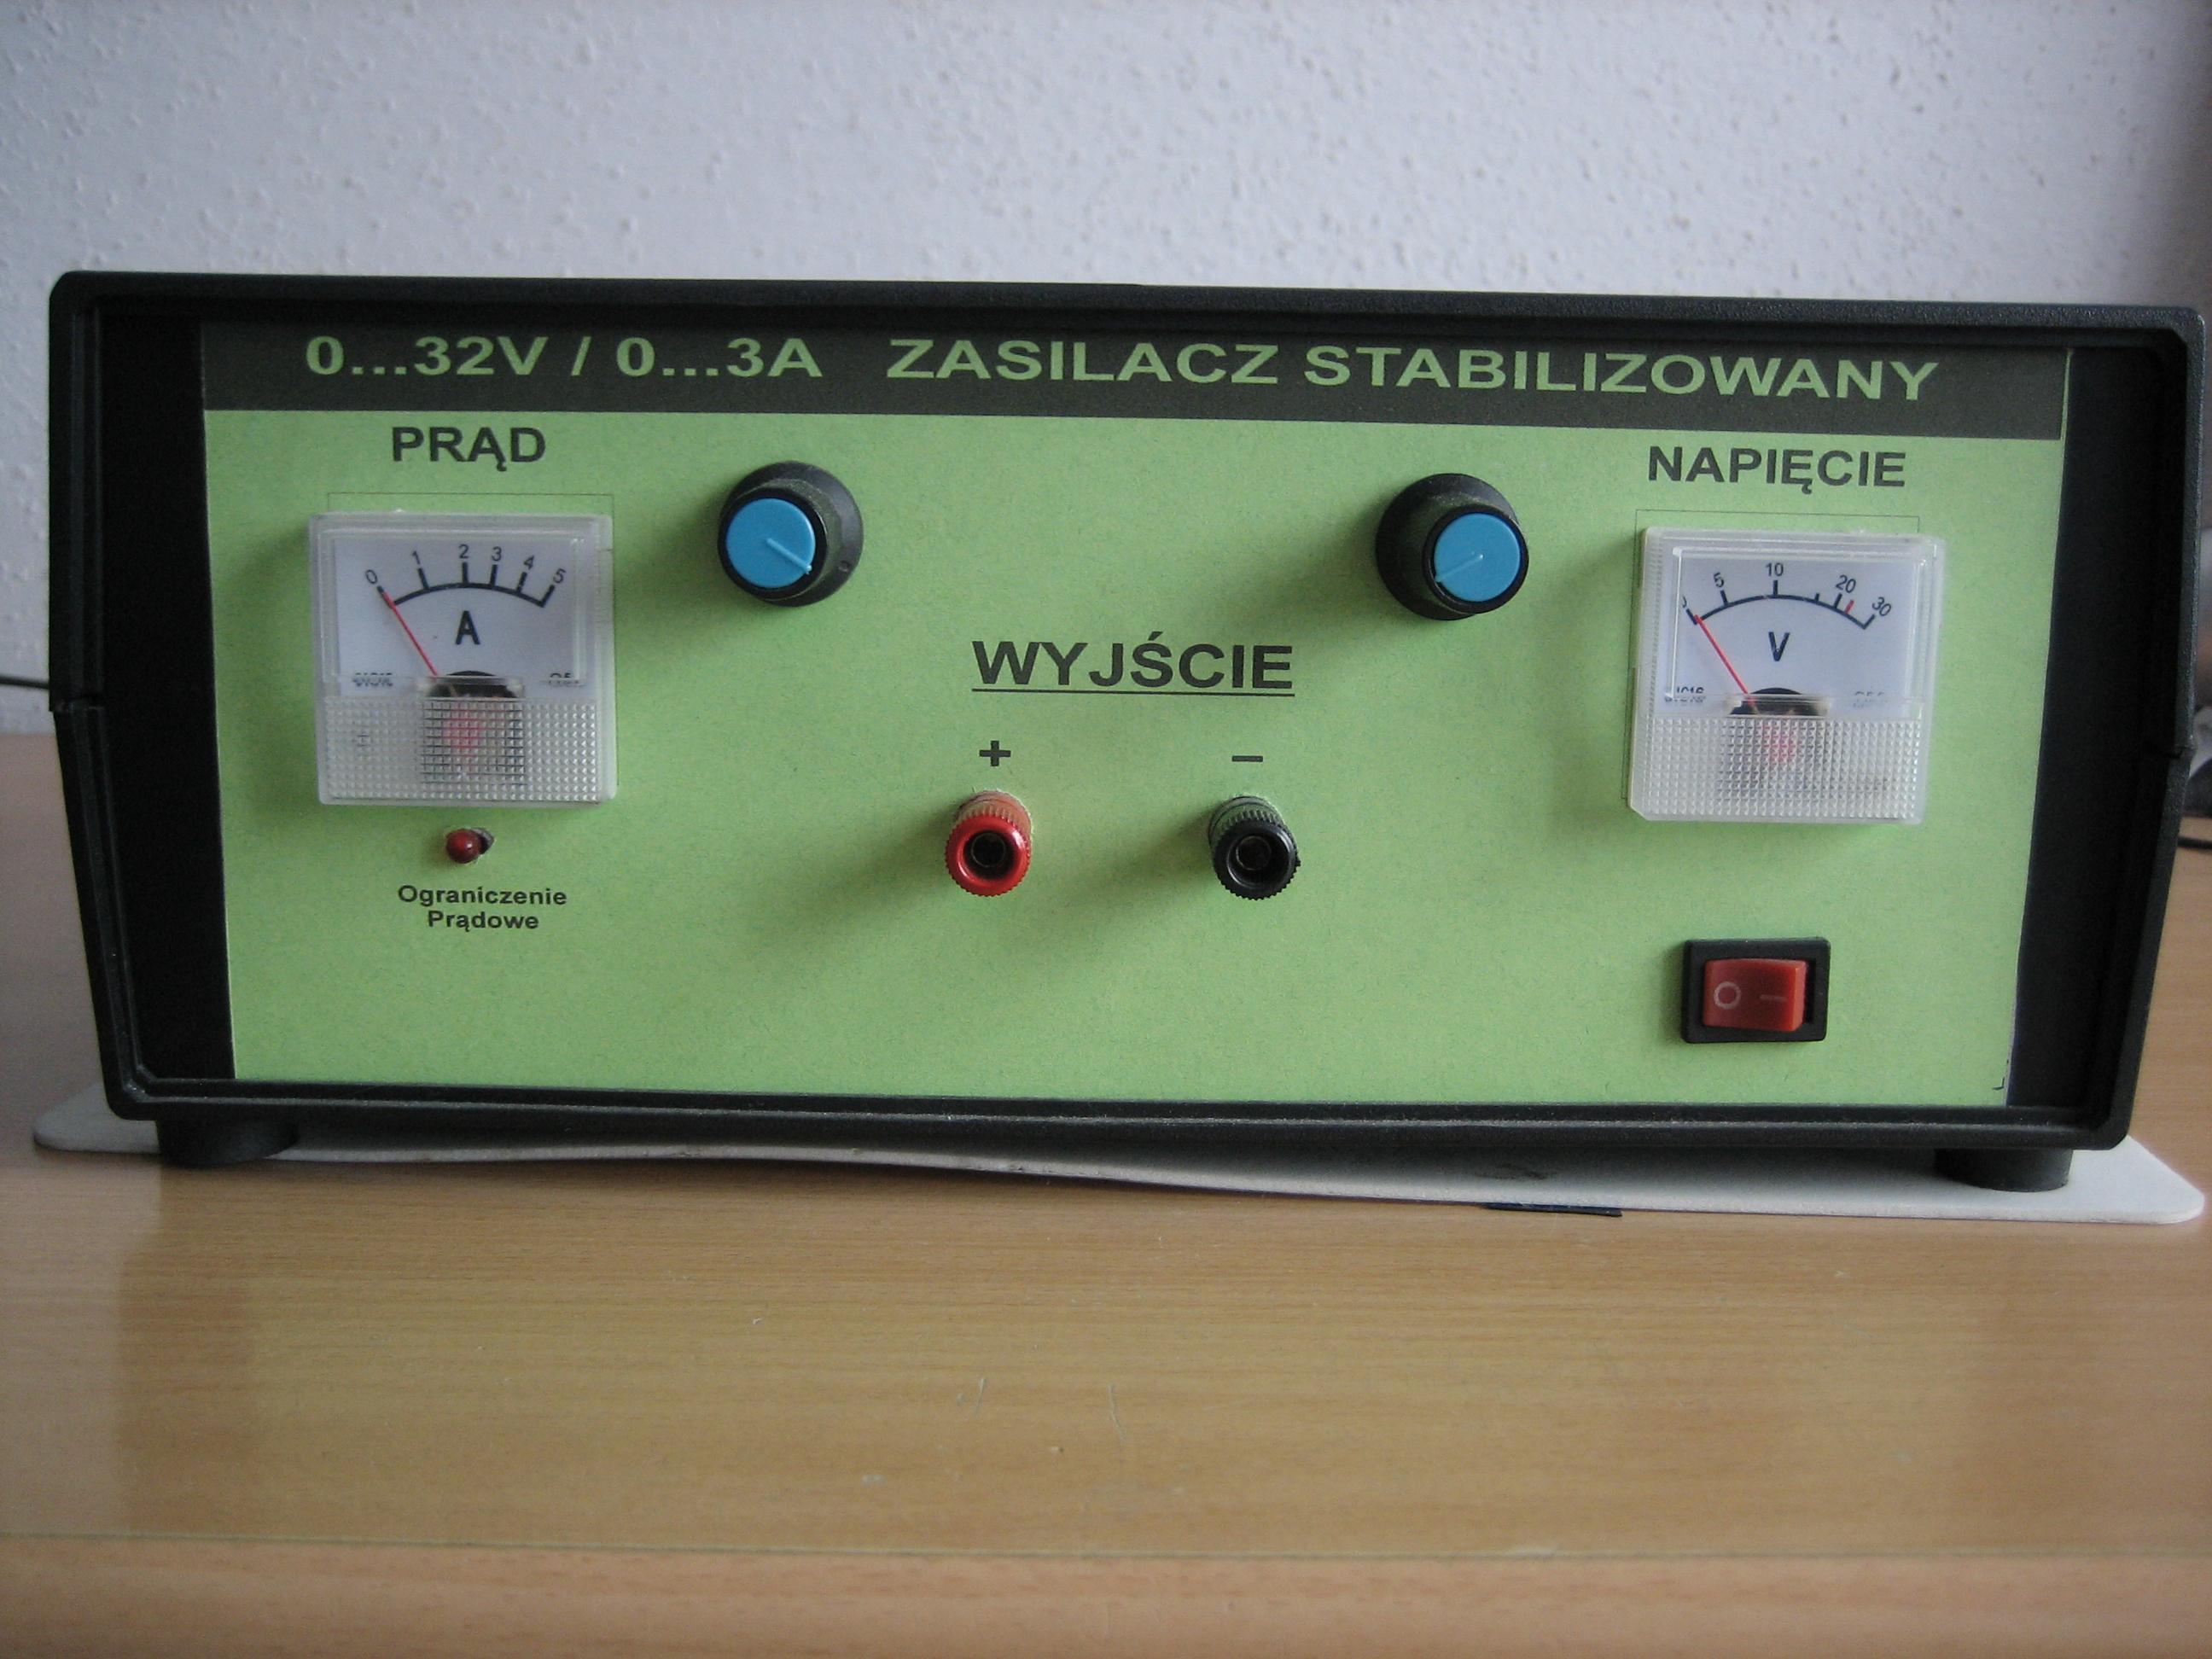 Zasilacz 0-30V 3A. Opis element�w. Schemat, zdj�cia. Prosz� o opinie.